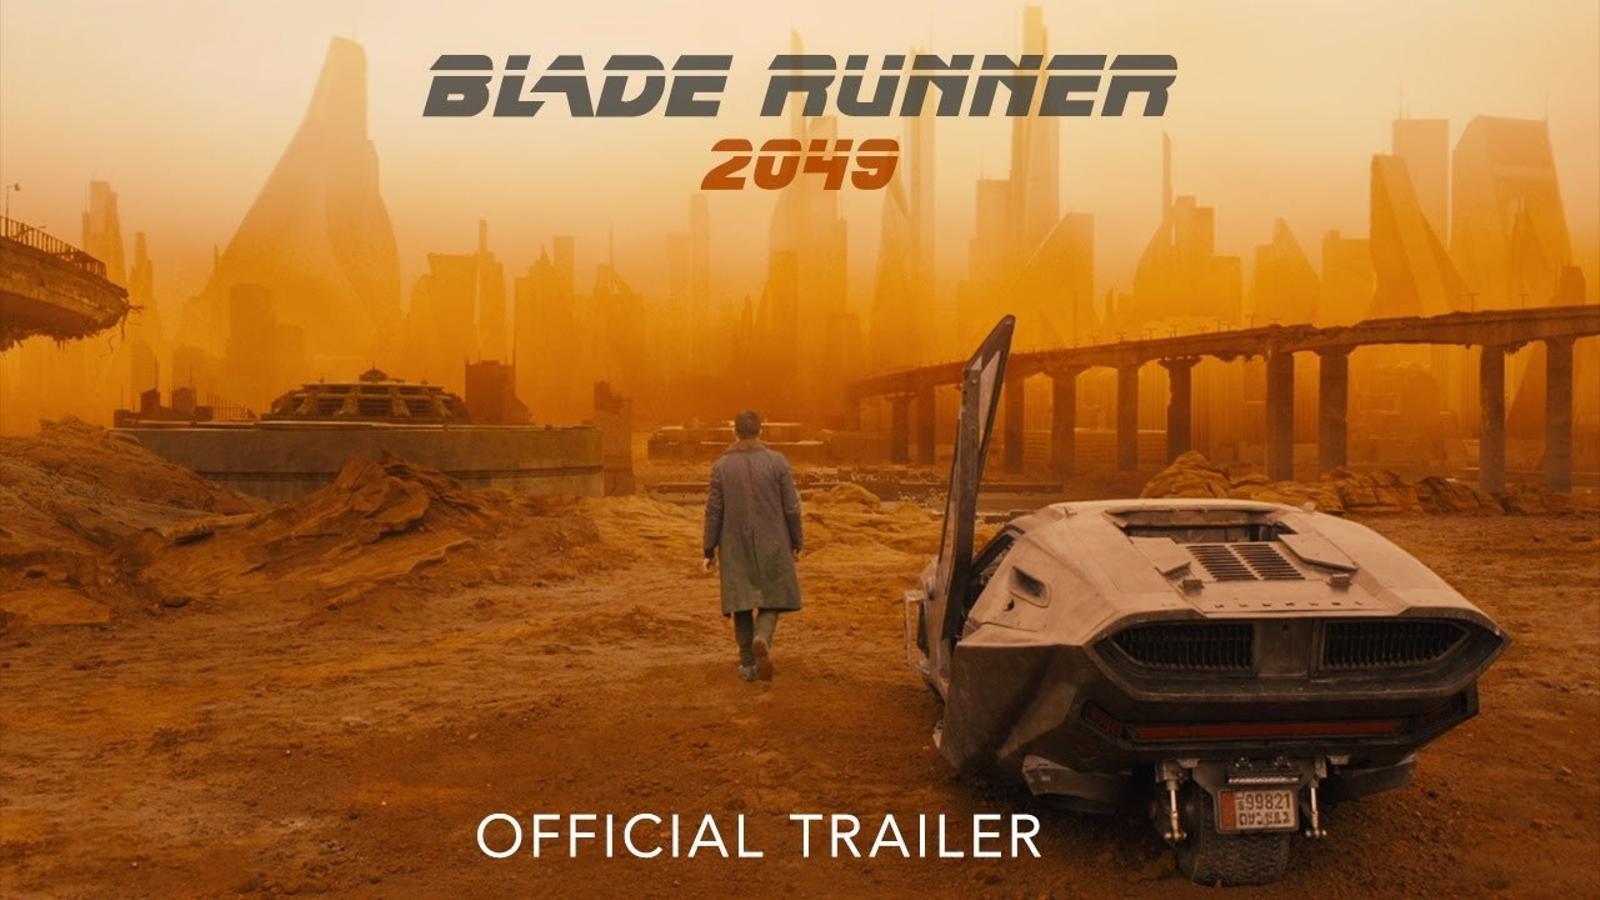 El tràiler de 'Blade Runner 2049'